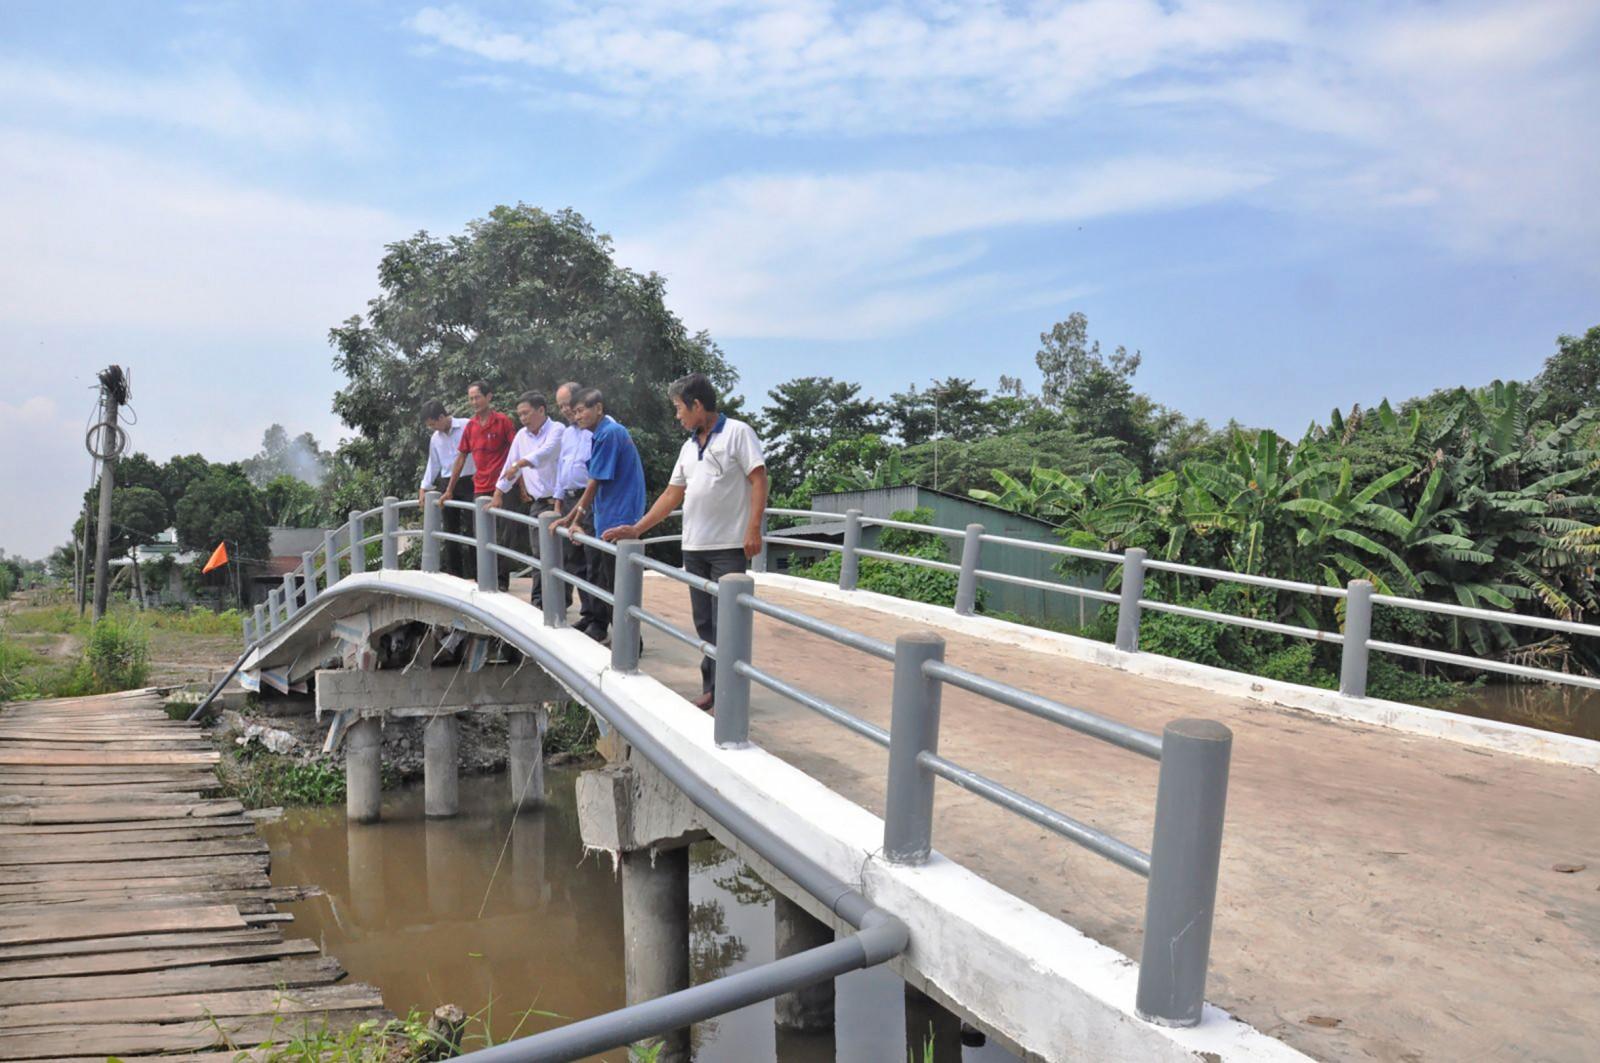 Thời gian qua, xã Vĩnh Trinh huy động nhiều nguồn lực xây dựng cầu bê tông thay cầu ván để bảo đảm an toàn giao thông. Ảnh: ANH DŨNG